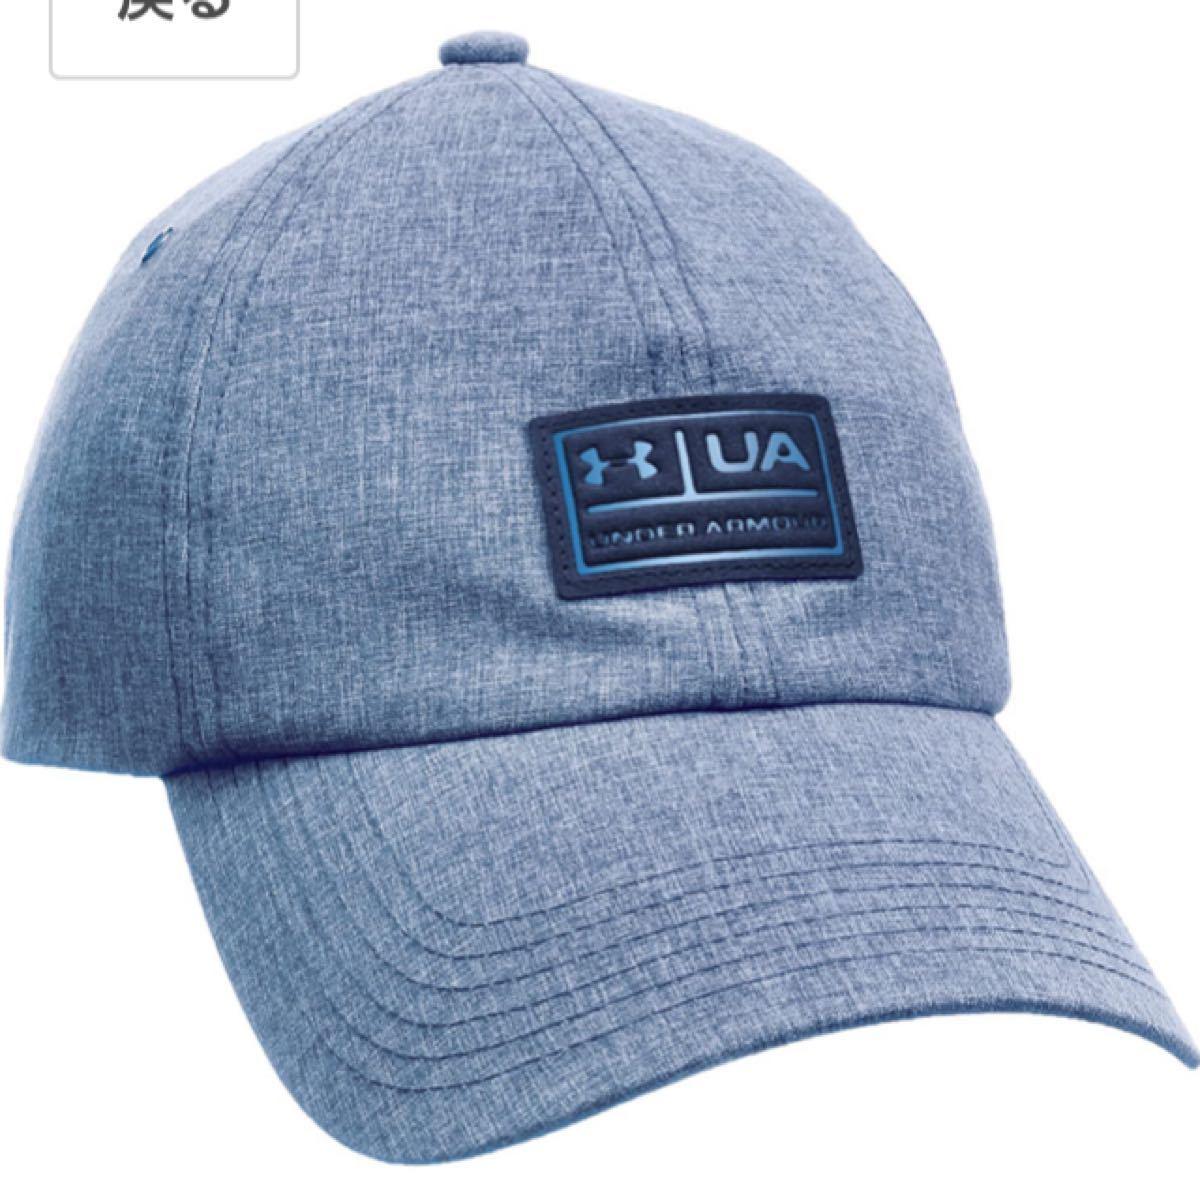 新品★アンダーアーマー★帽子 キャップ帽子